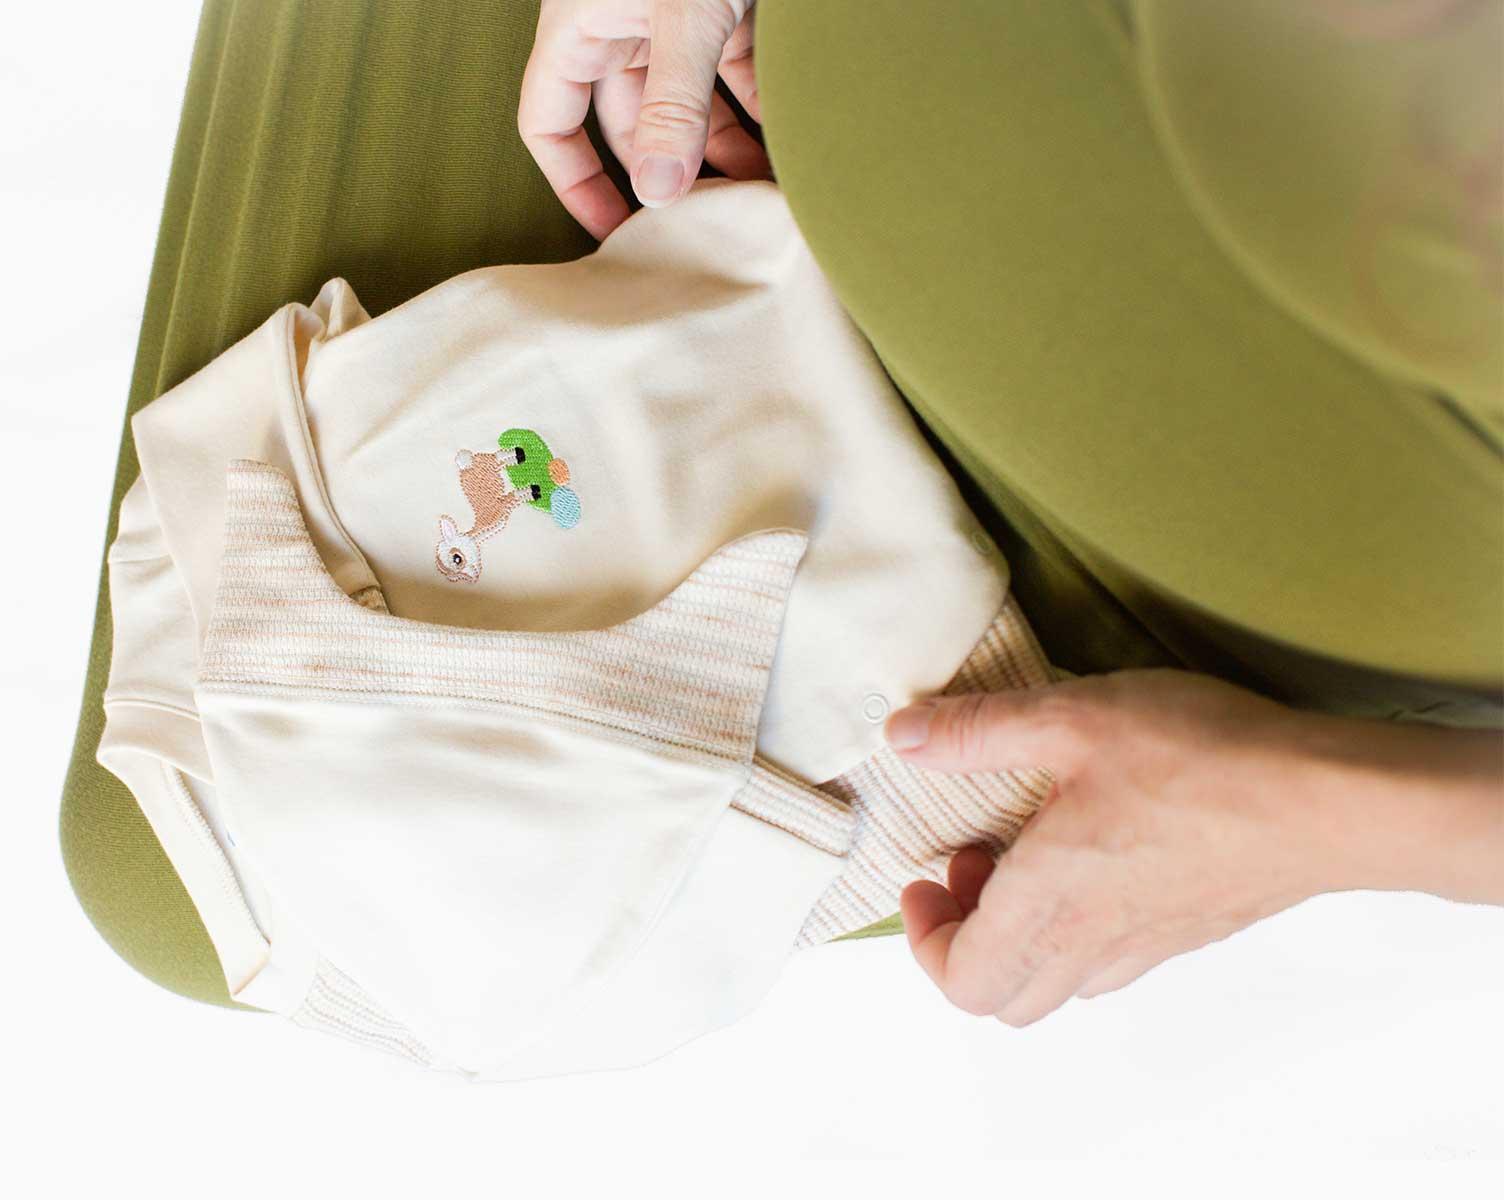 Naturprodukte fürs Baby_Kliniktasche-Sets_Bio Babyspielzeug_Vegane Babywäsche